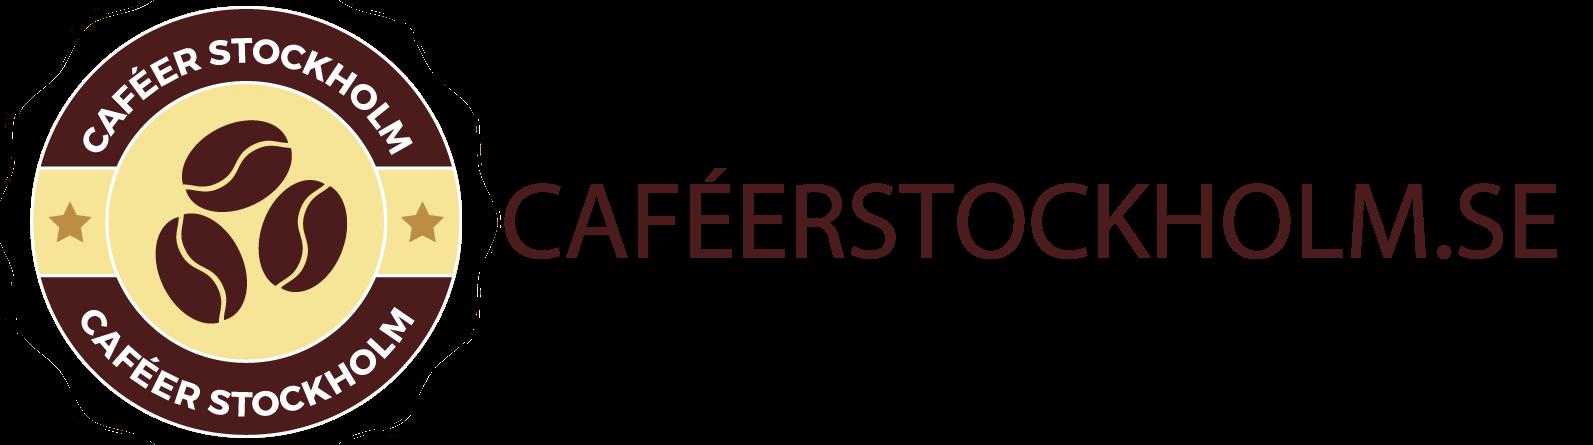 CaféerStockholm.se